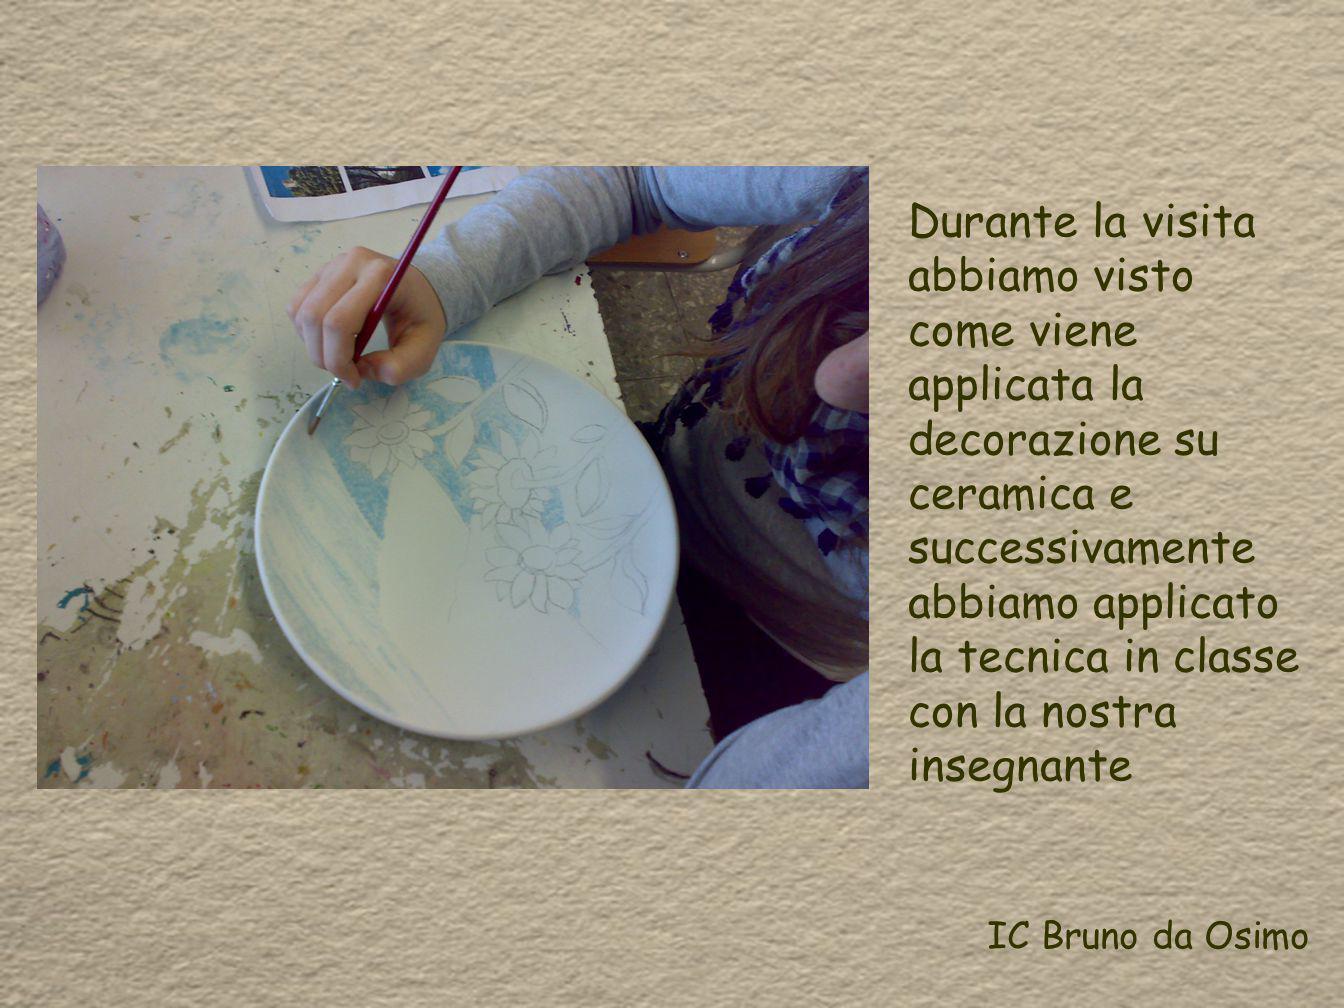 Durante la visita abbiamo visto come viene applicata la decorazione su ceramica e successivamente abbiamo applicato la tecnica in classe con la nostra insegnante